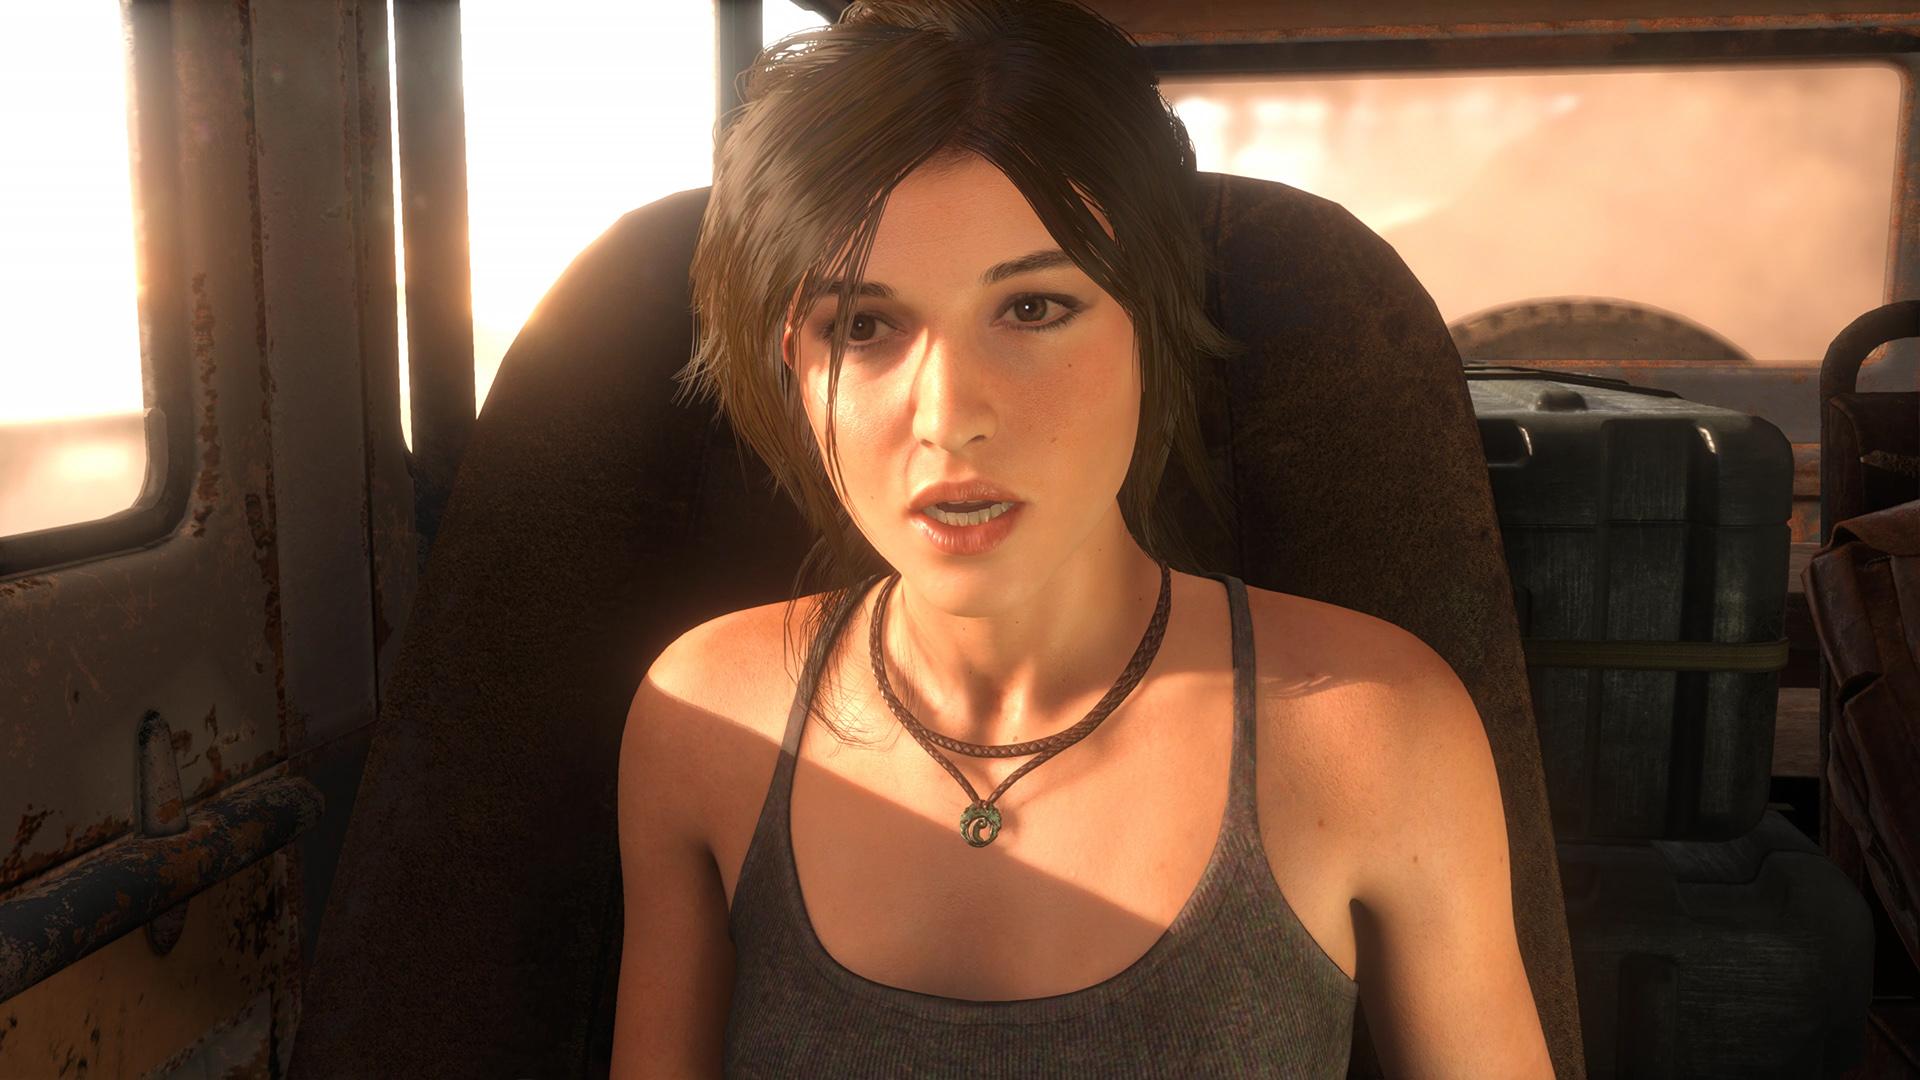 Lara croft gif porn demon hentay scenes